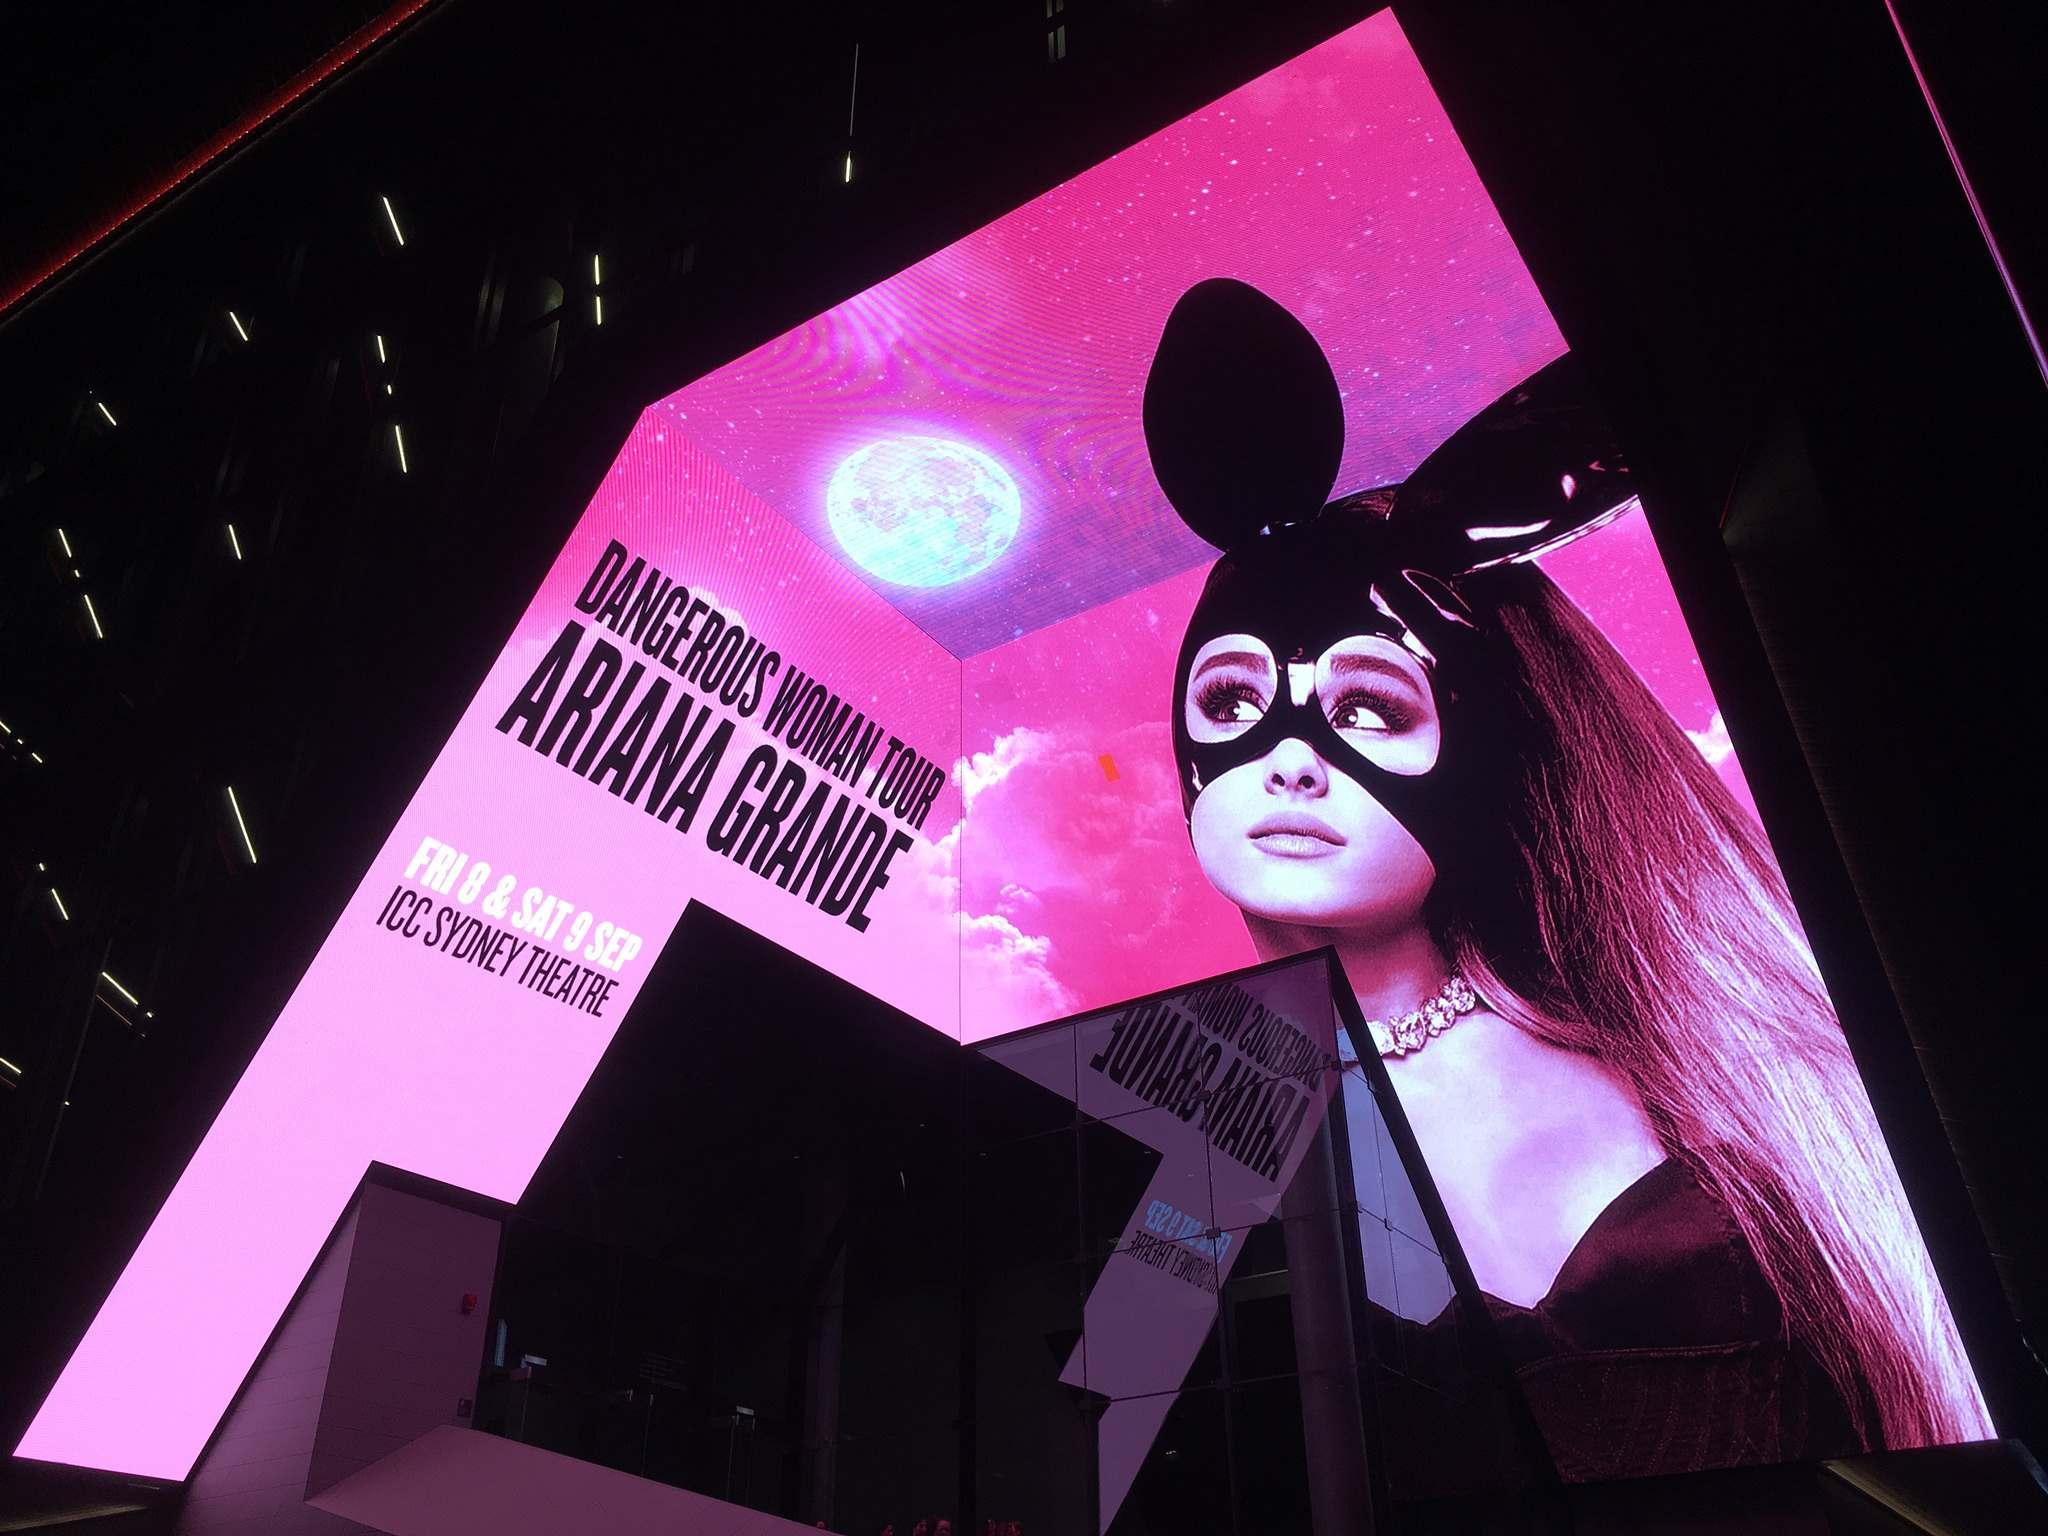 ariana grande Ariana Grande   Dangerous Woman Tour in Sydney, Australia